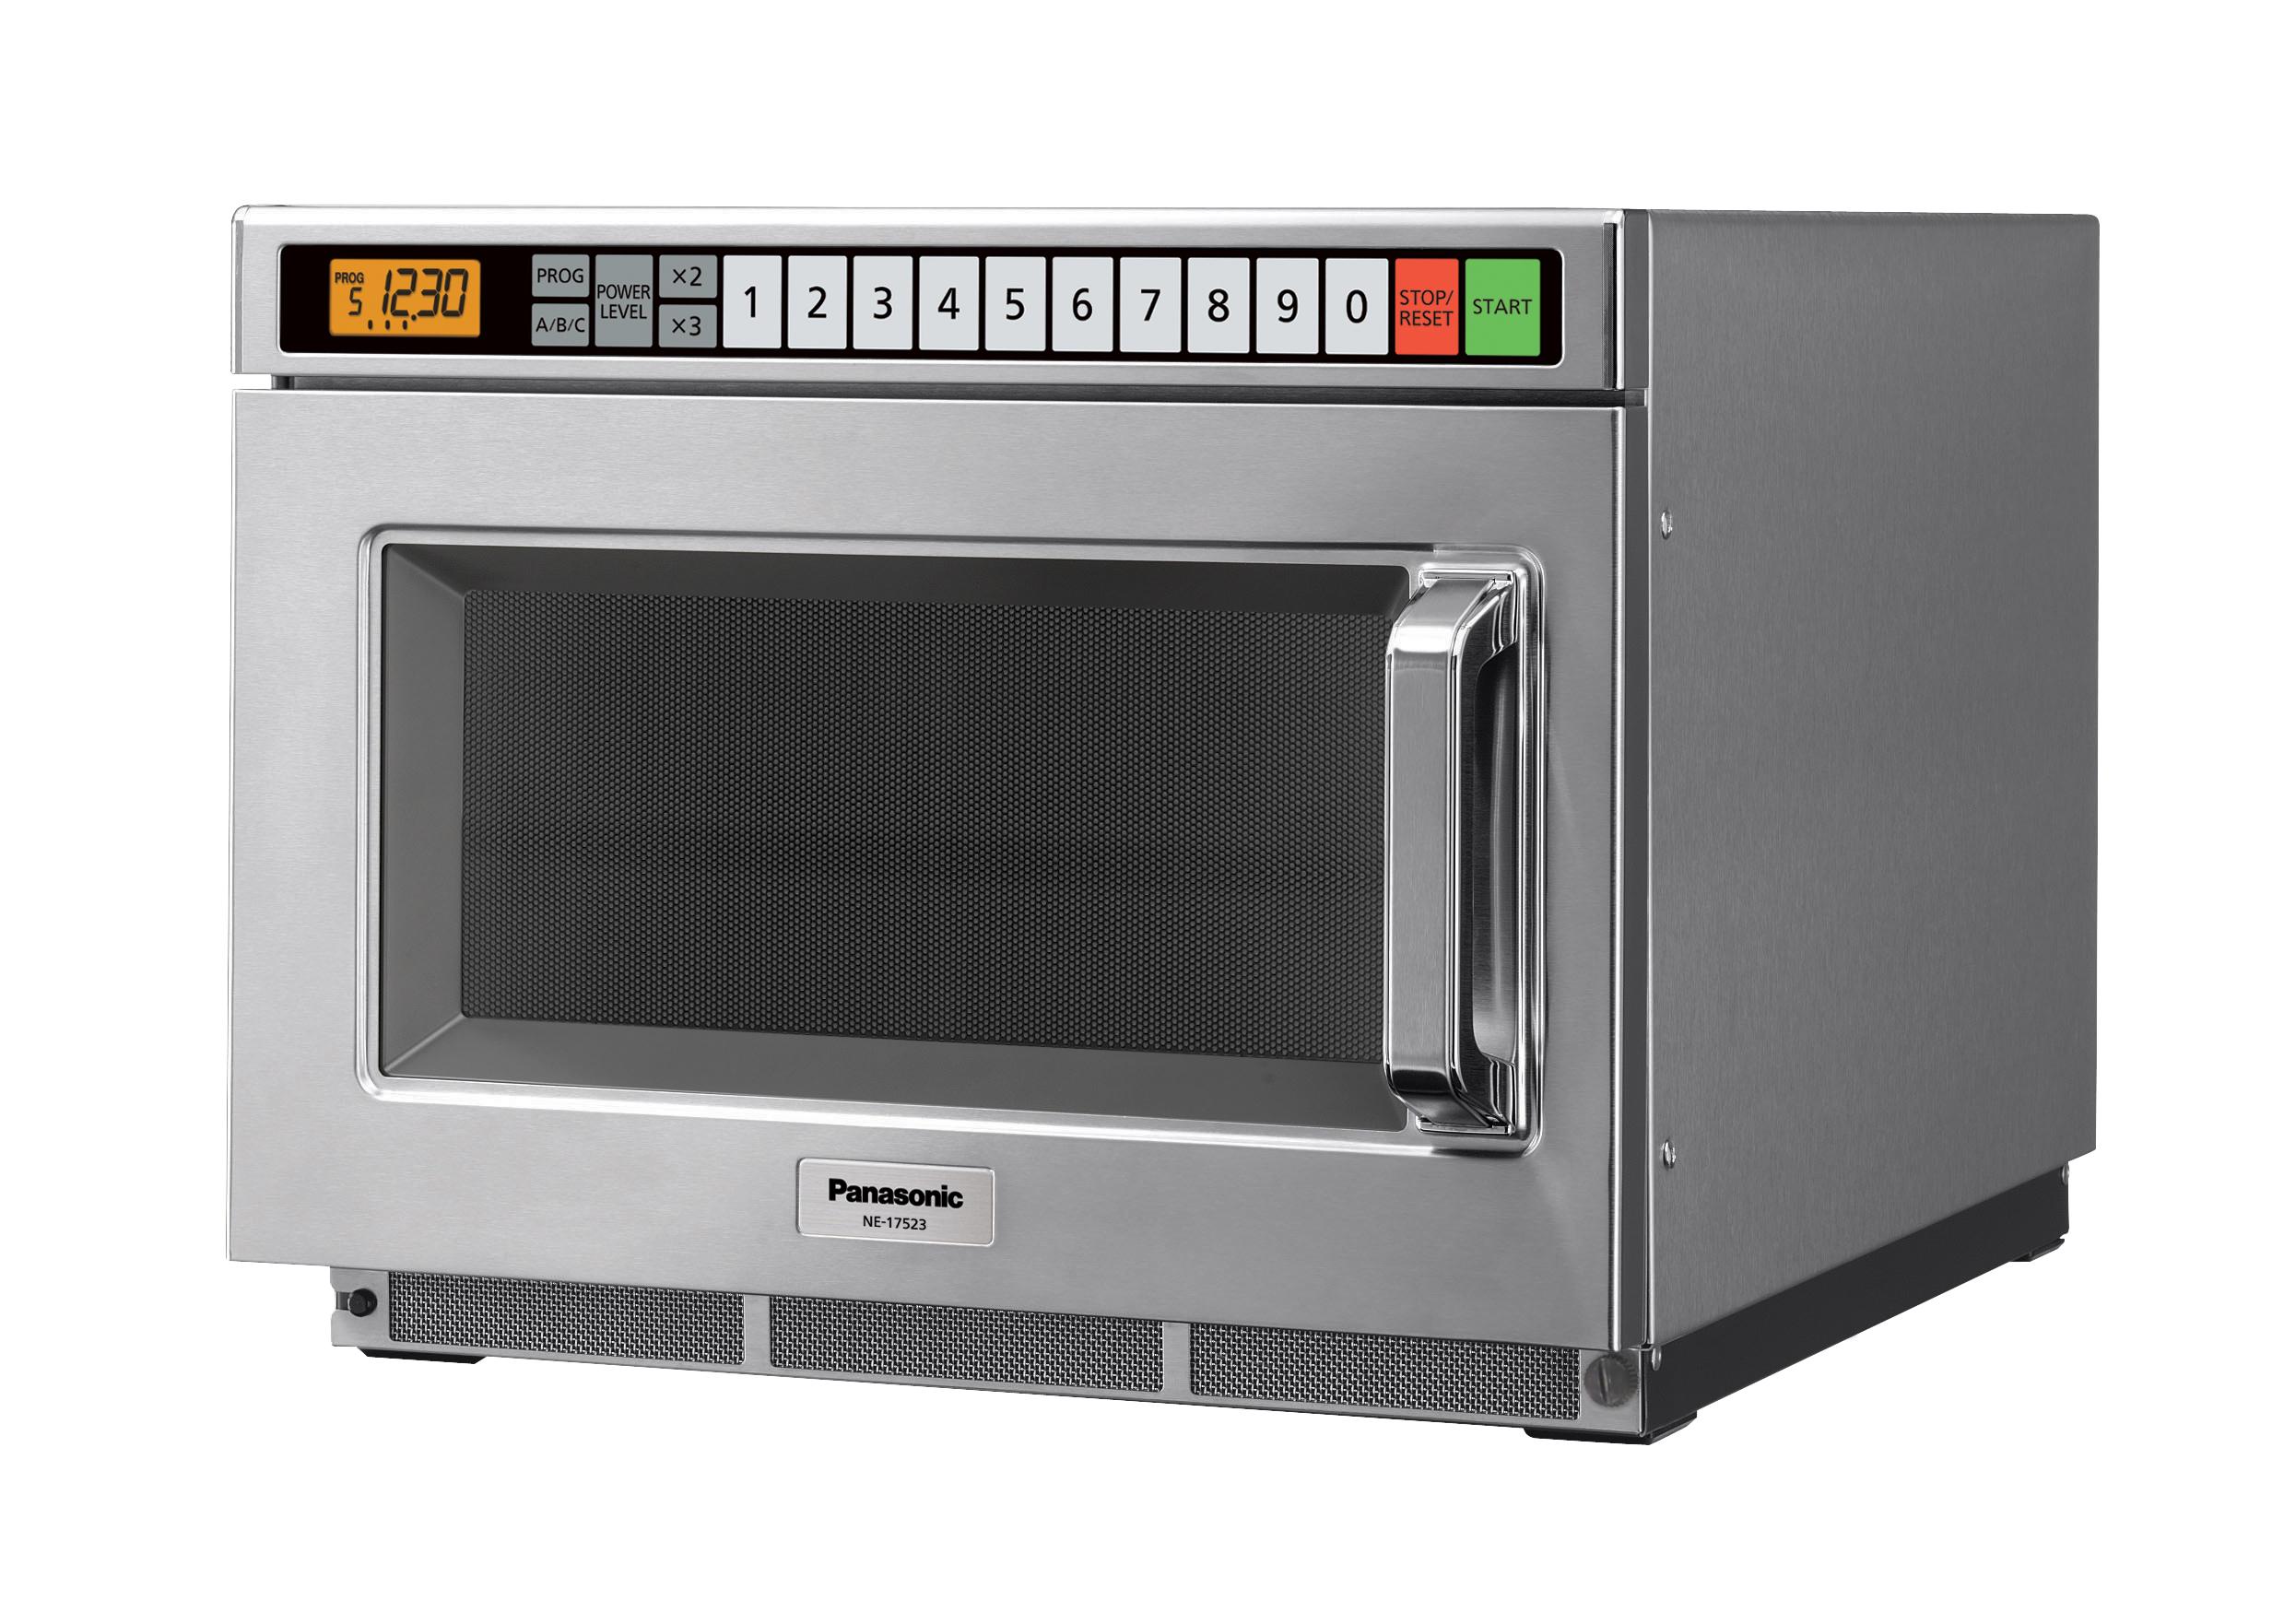 1700 watt commercial microwave oven